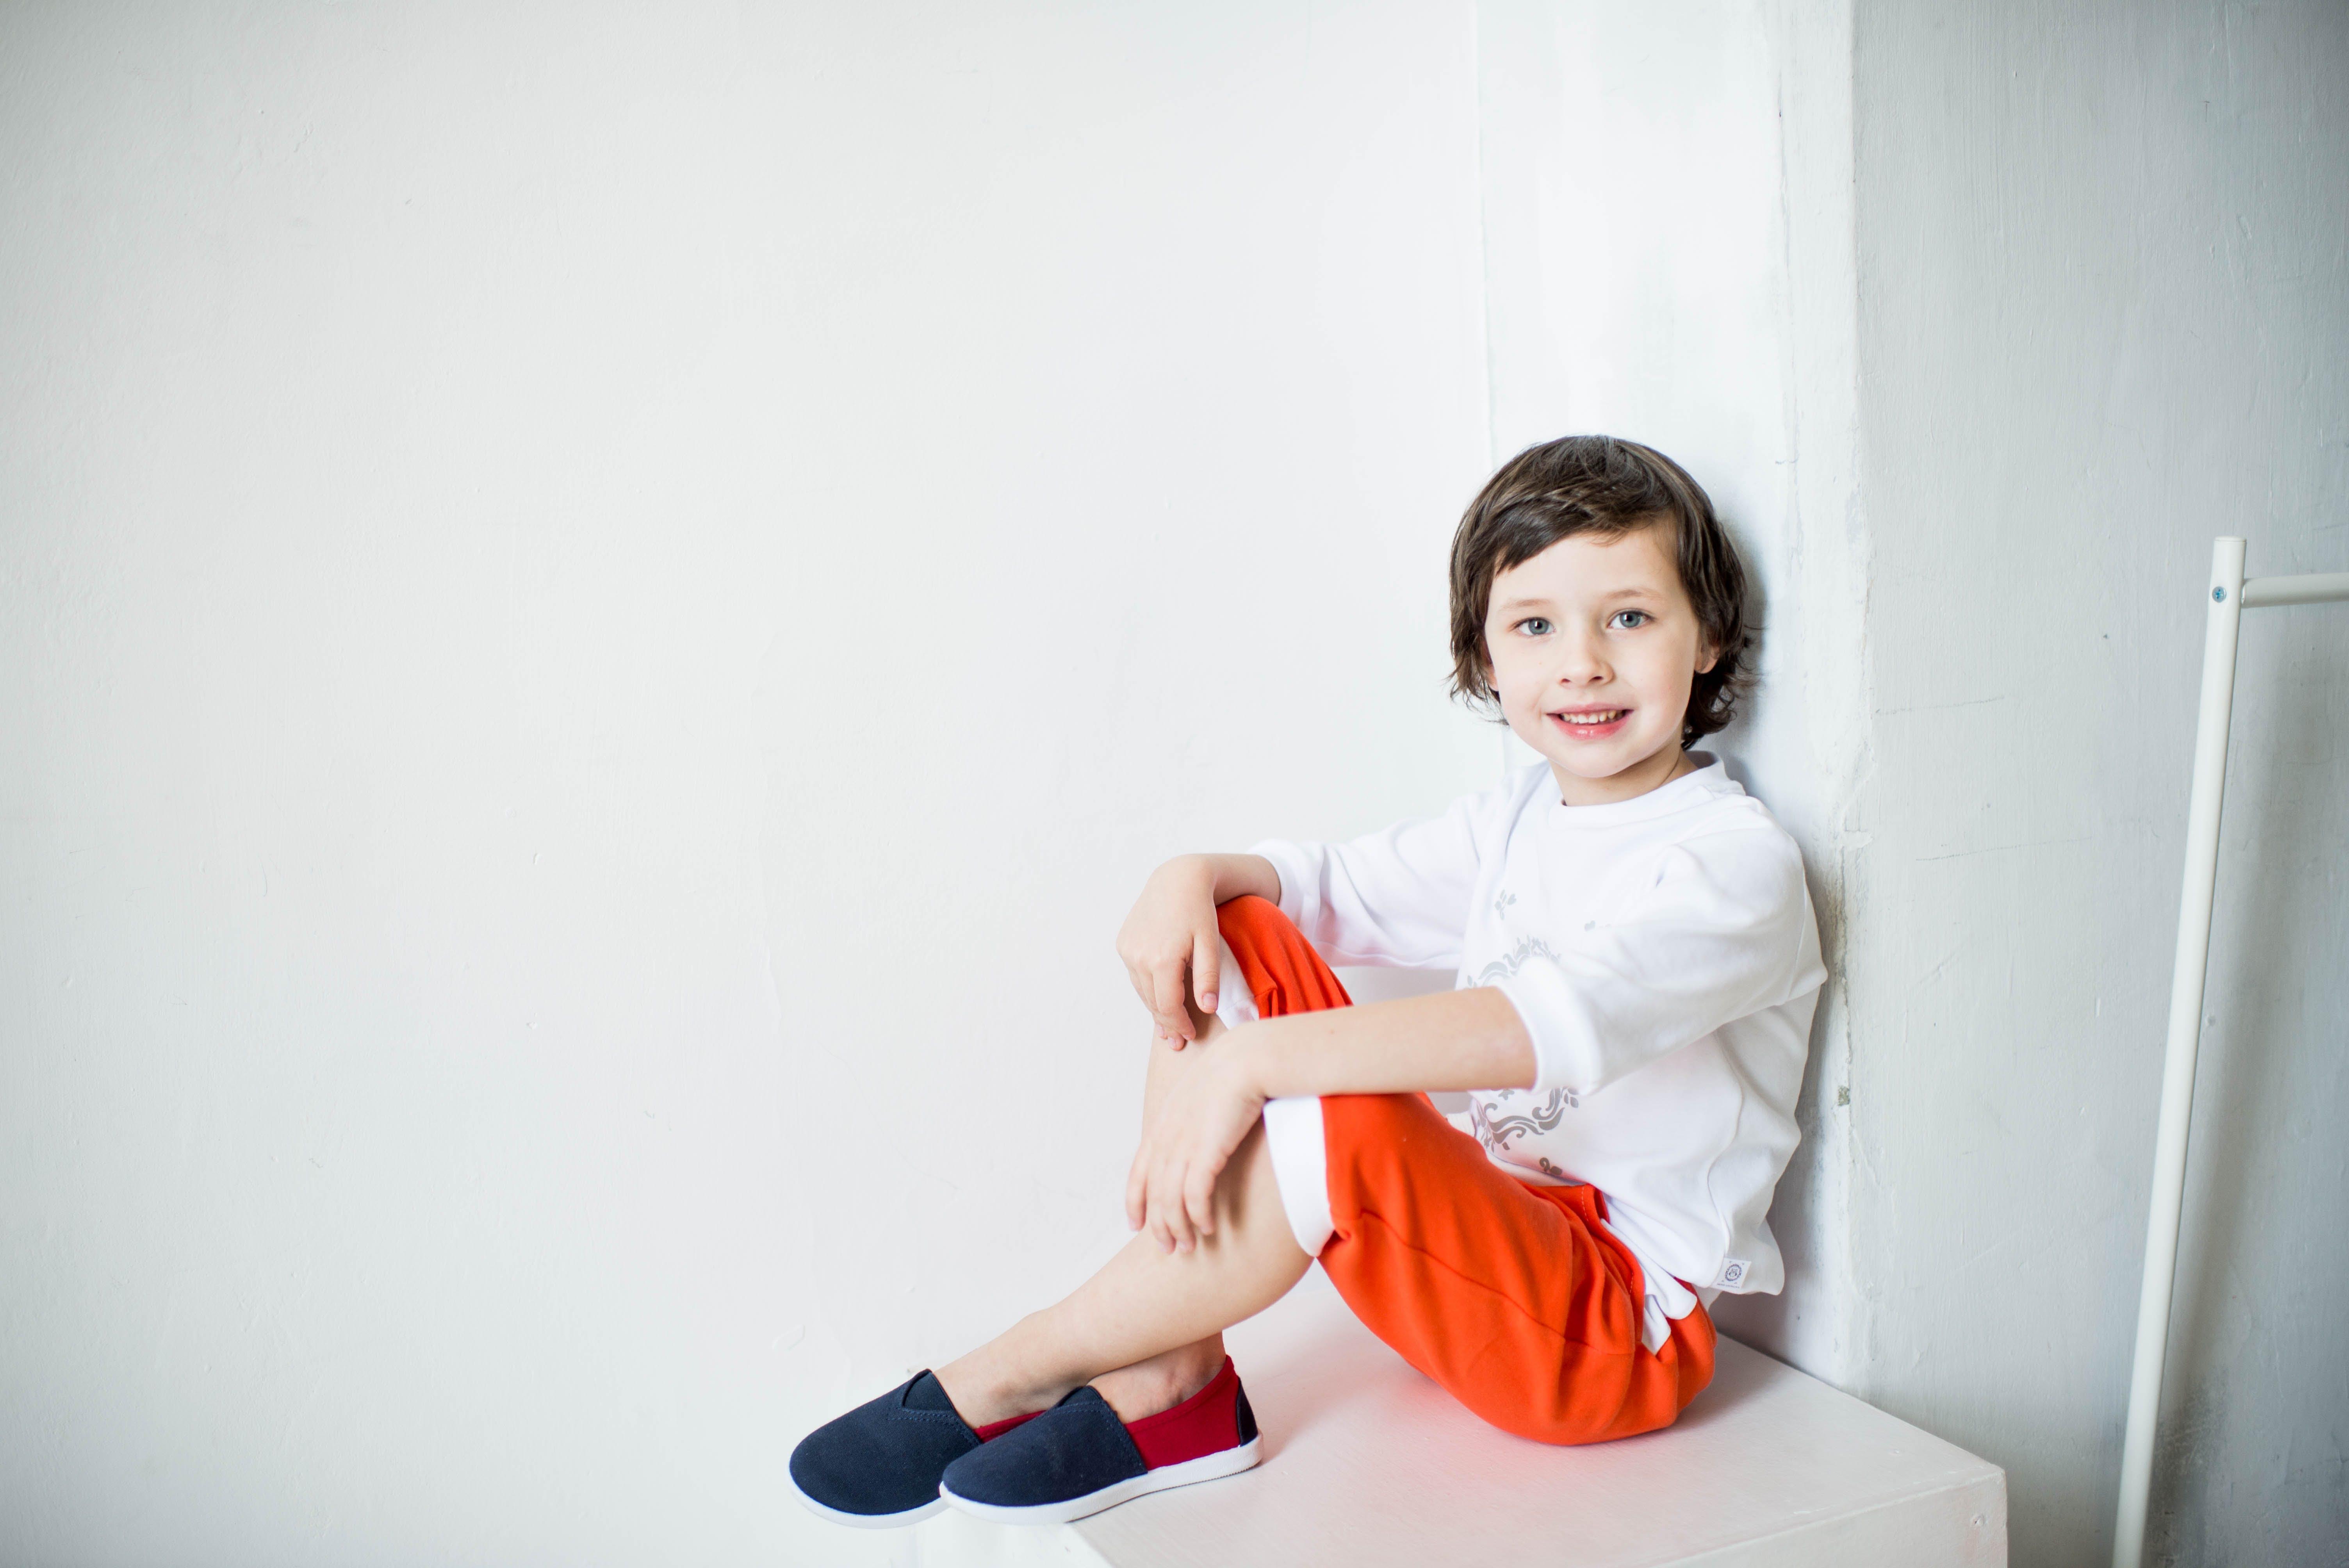 Kostnadsfri bild av barn, fotografering, Framställ, leende